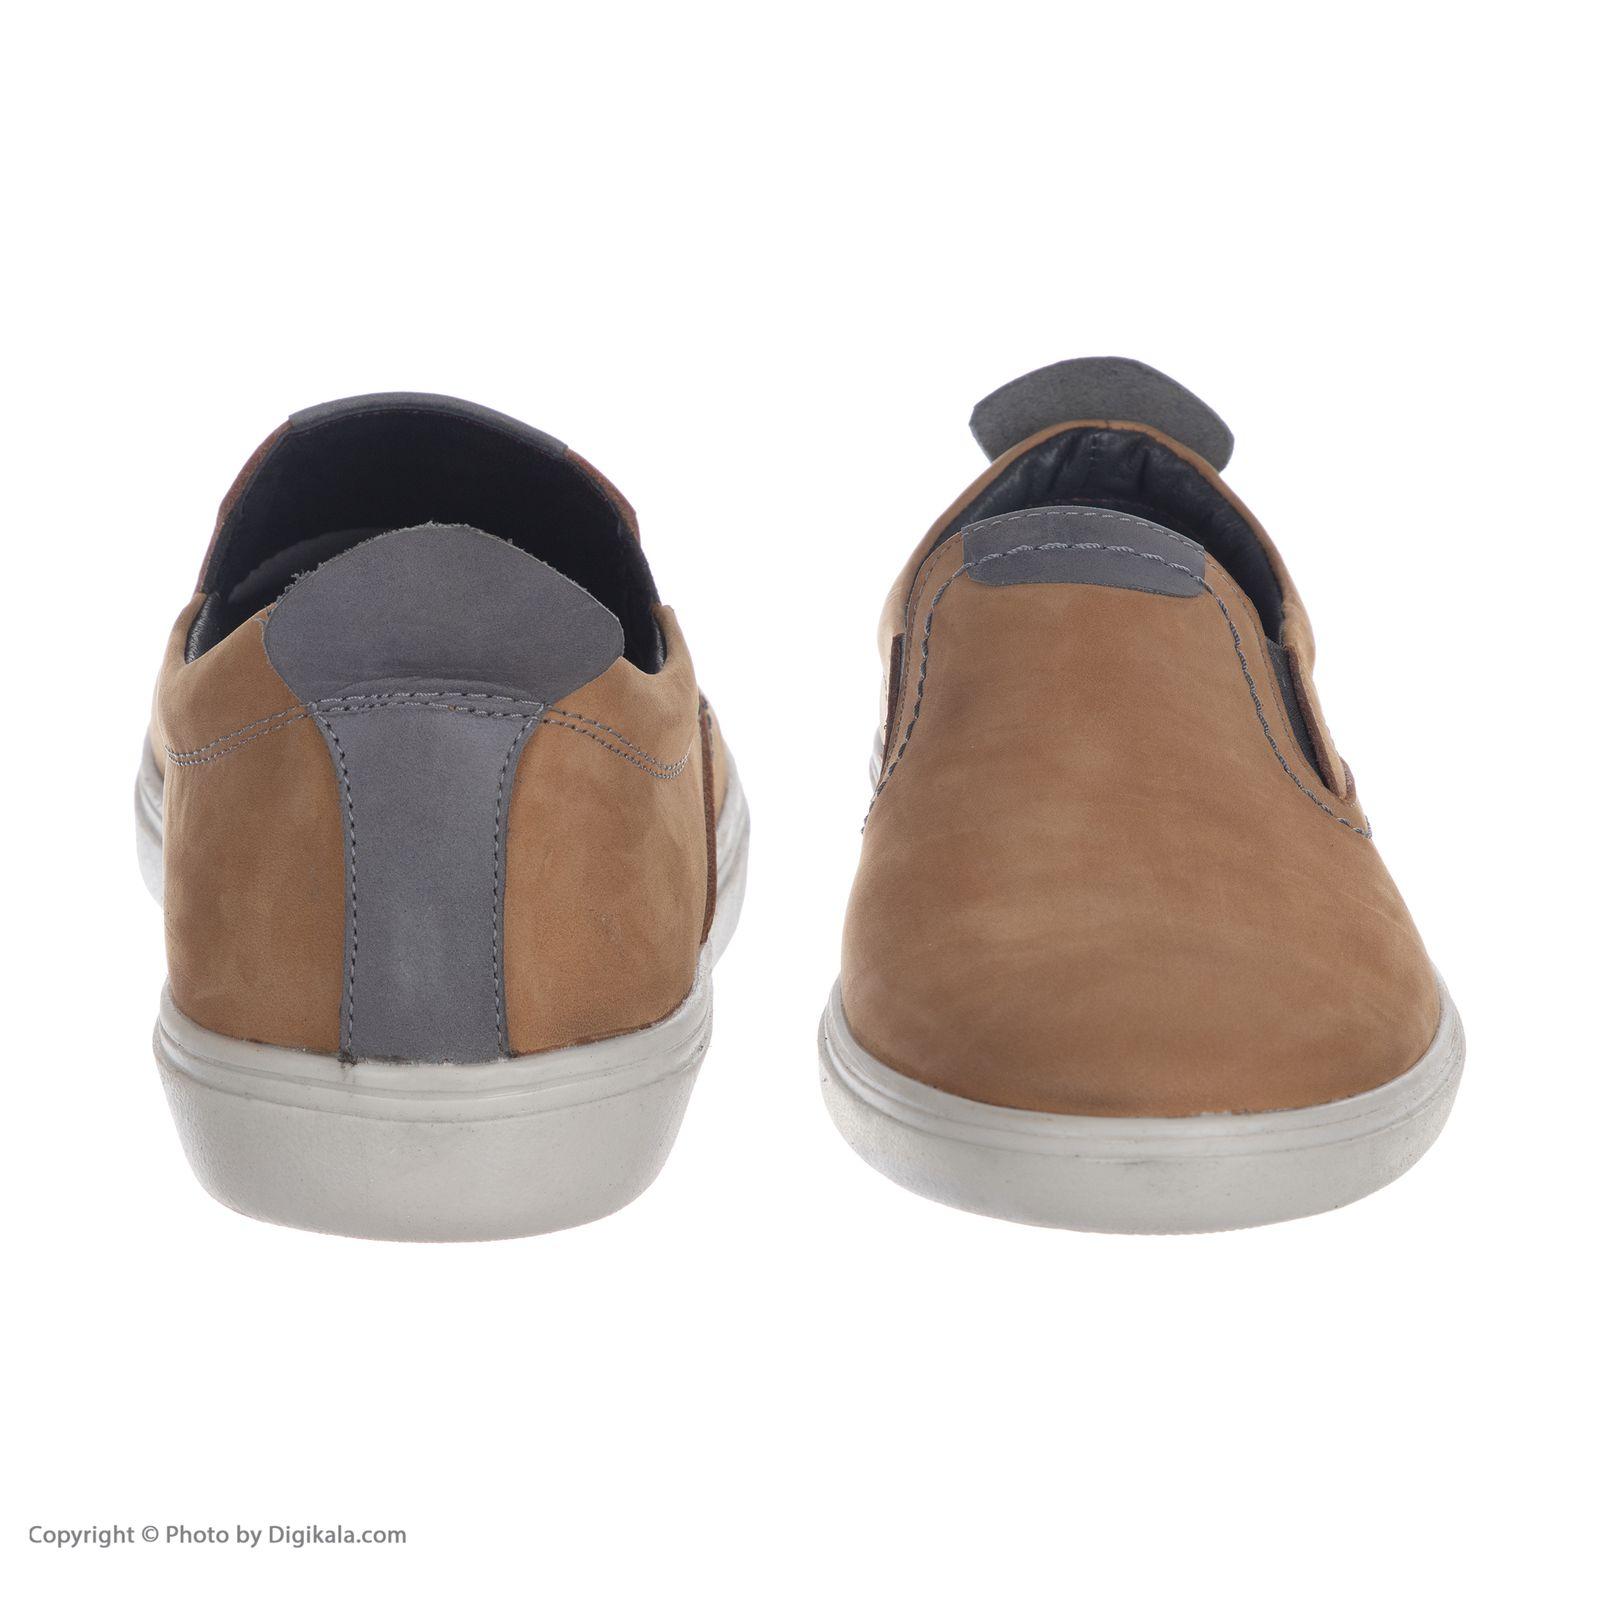 کفش روزمره مردانه دانادل مدل 8613A503136 -  - 6